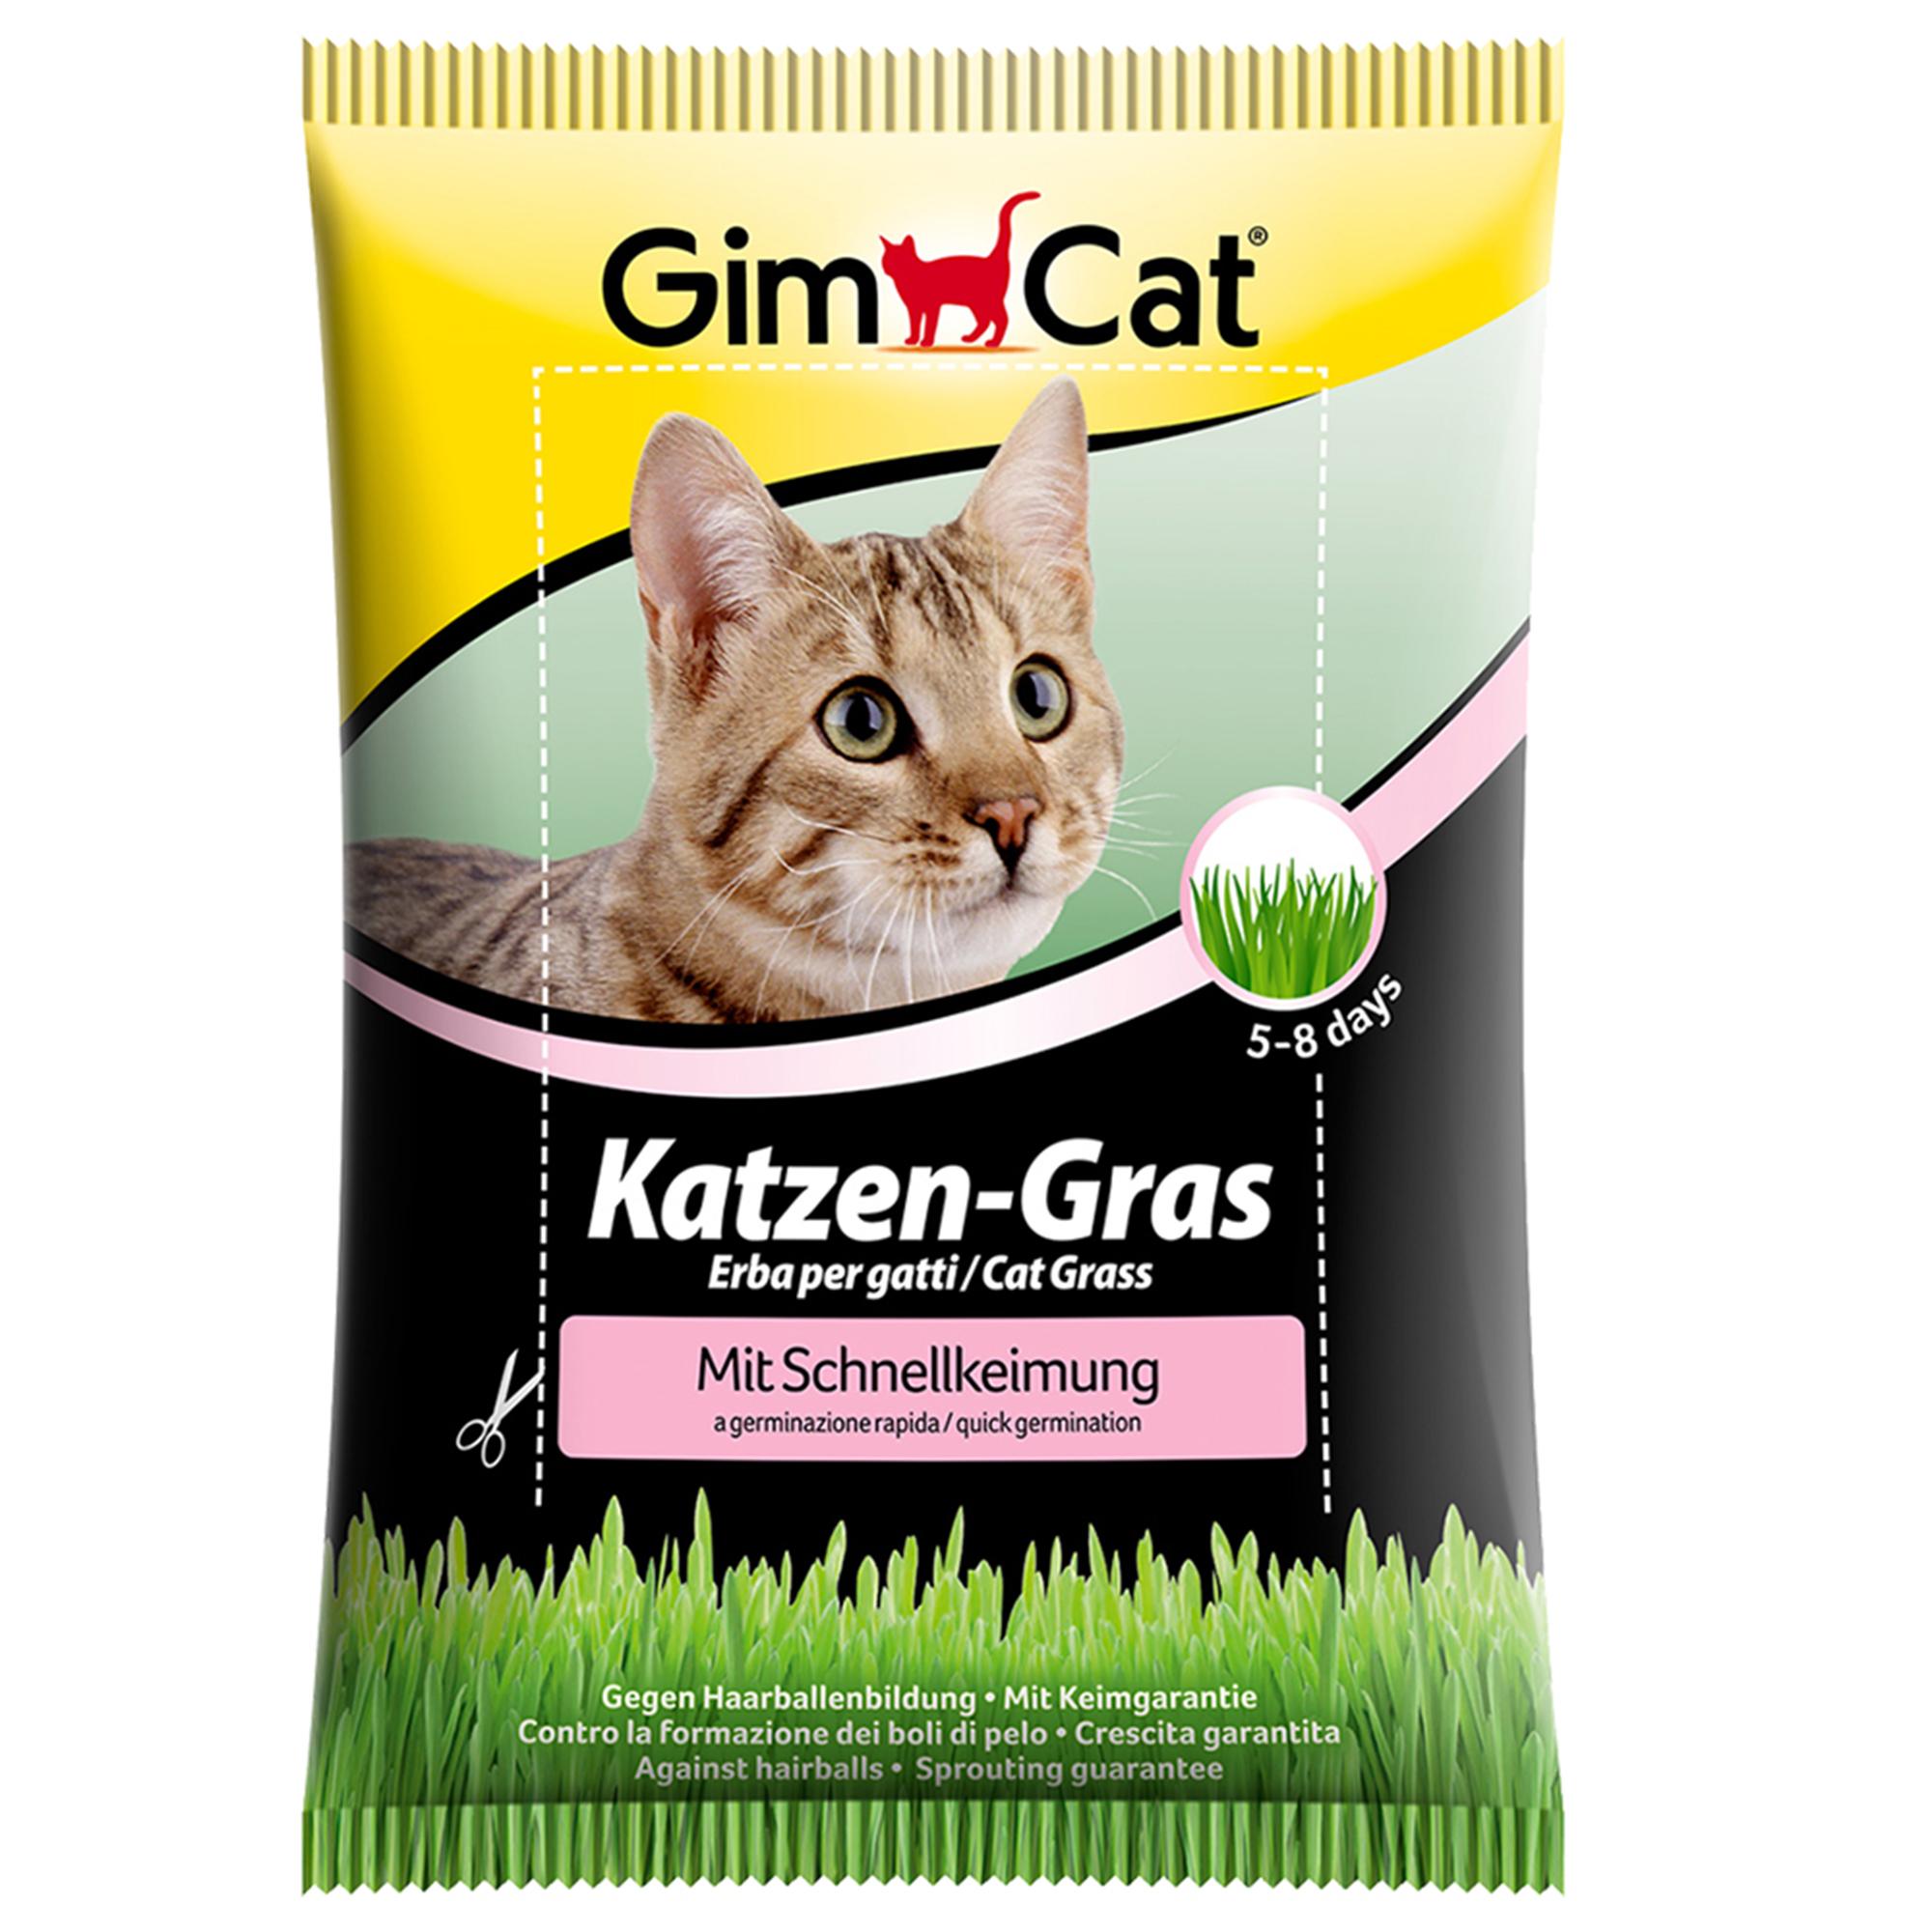 GimCat Katzen-Gras mit Schnellkeimung 100g